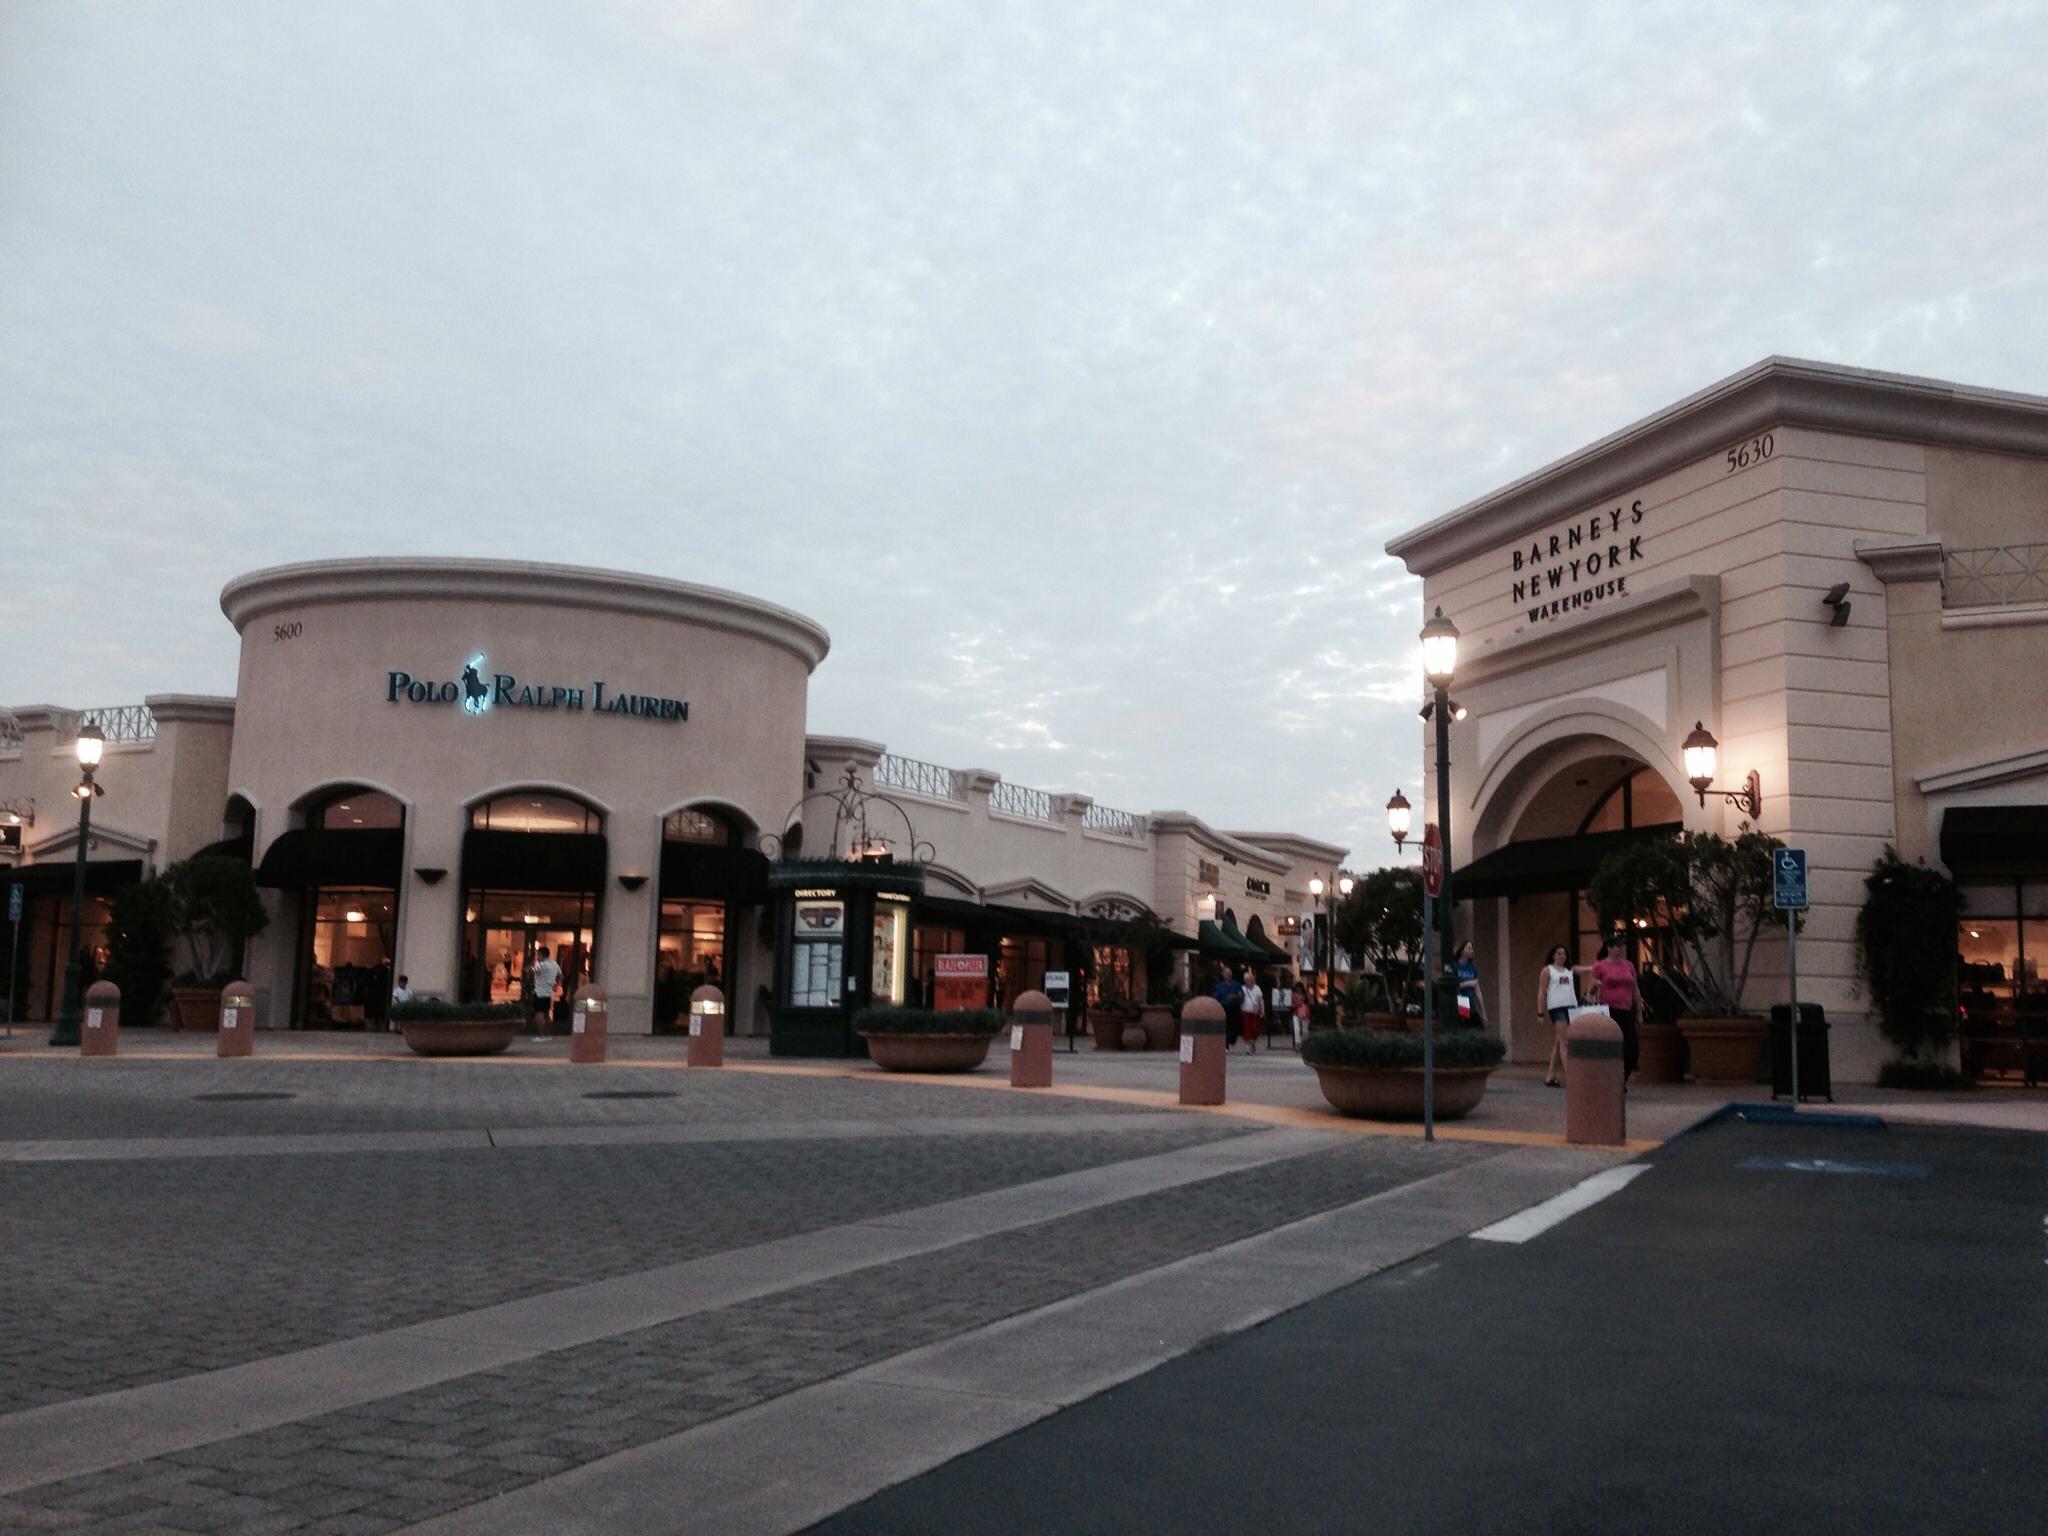 5357c1edf4805 日中はAquatica San Diegoで遊んで一旦ホテルへ。夕食の場所を求めてとりあえずCarlsbad Premium Outlets®.  5620 Paseo del Norte